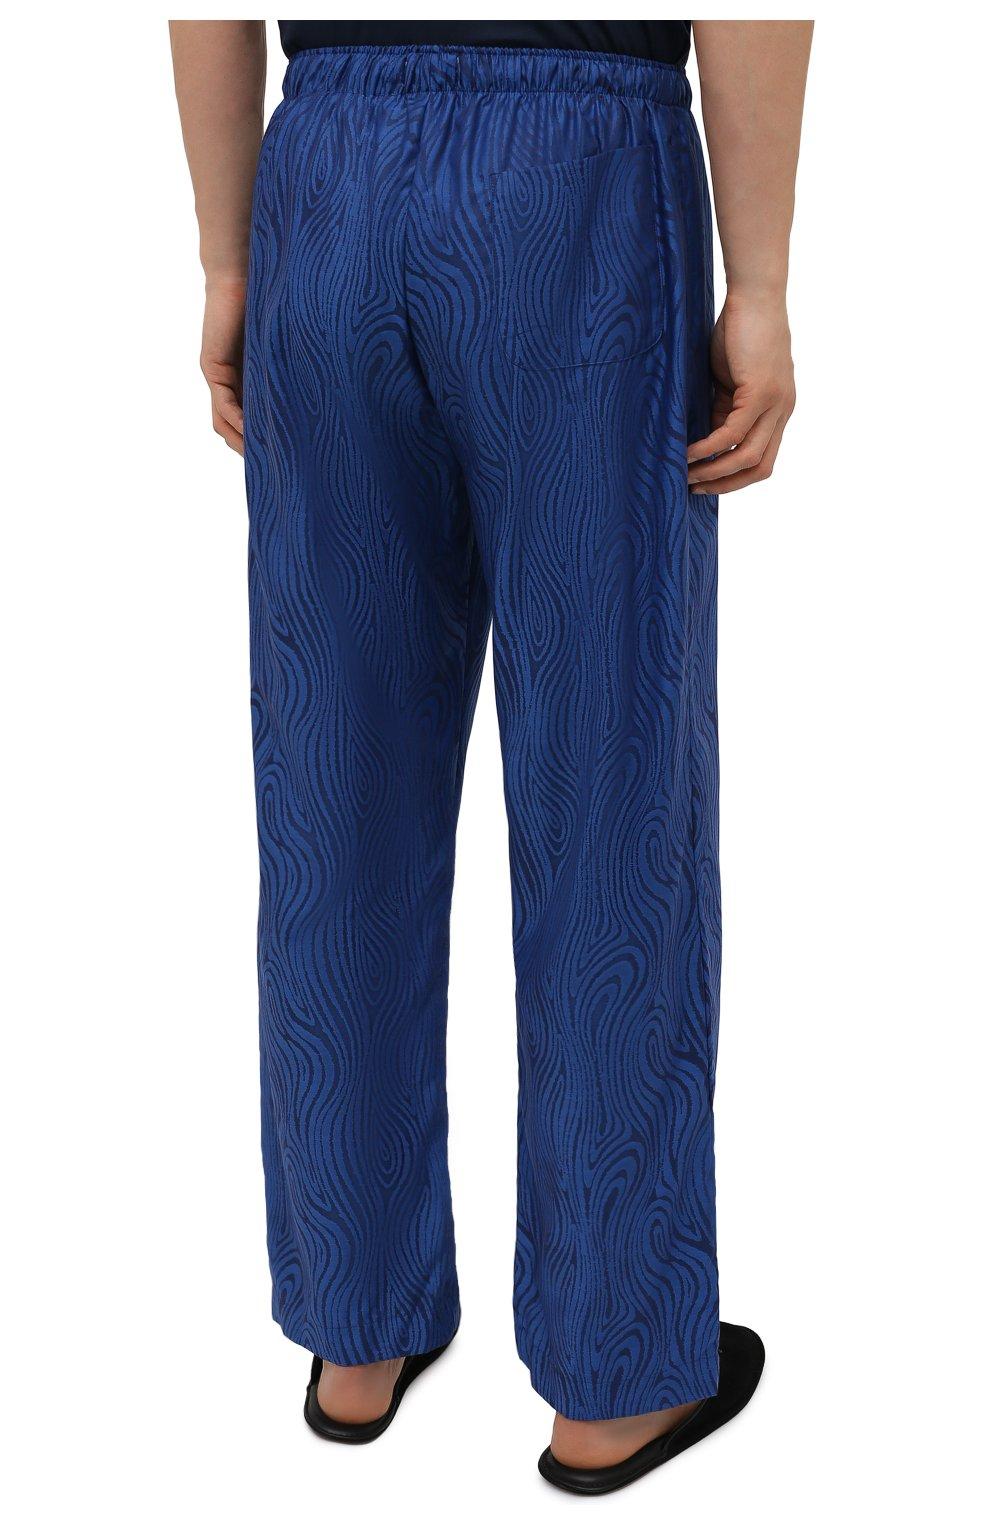 Мужские хлопковые домашние брюки DEREK ROSE синего цвета, арт. 3564-PARI020 | Фото 4 (Длина (брюки, джинсы): Стандартные; Кросс-КТ: домашняя одежда; Мужское Кросс-КТ: Брюки-белье; Материал внешний: Хлопок)